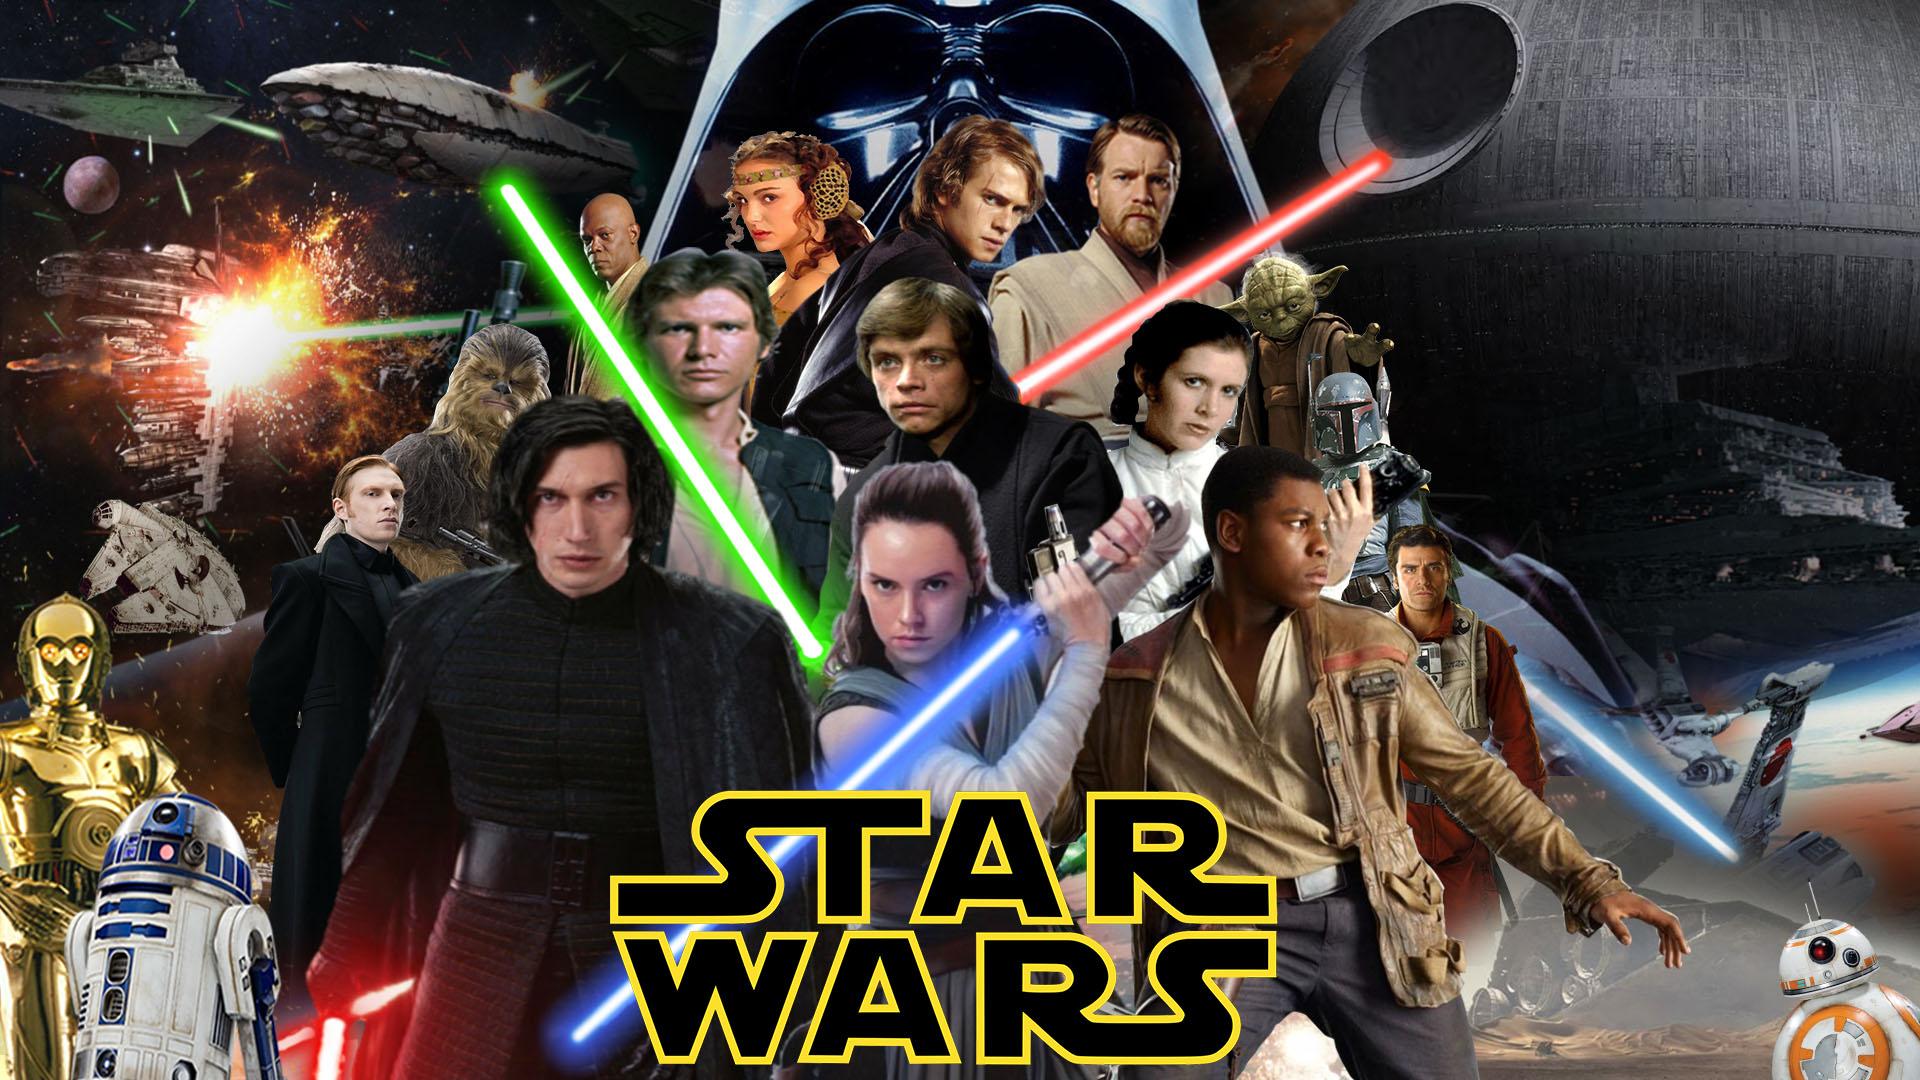 star wars saga legacy wallpaperthedarkmamba995 on